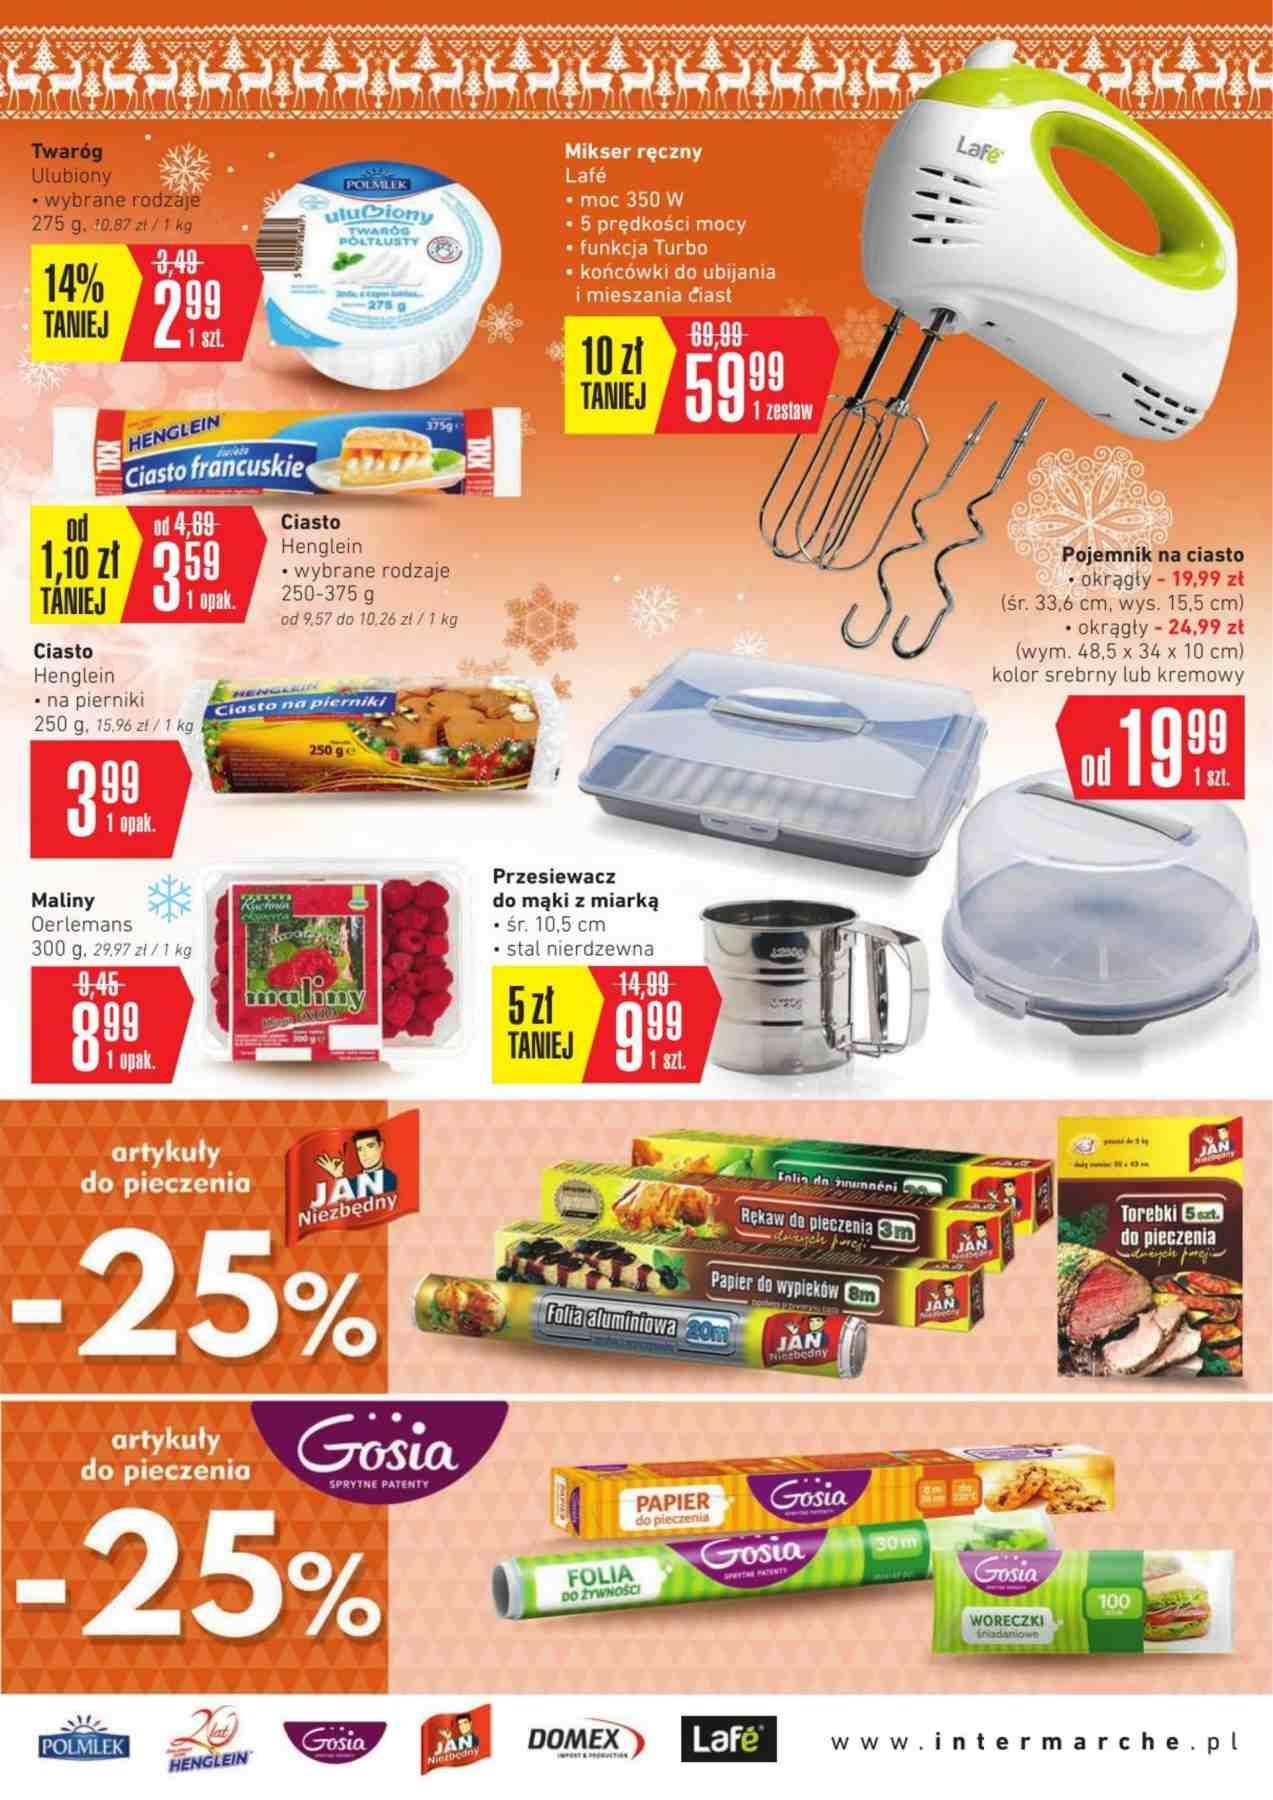 Gazetka promocyjna Intermarche do 17/12/2018 str.4